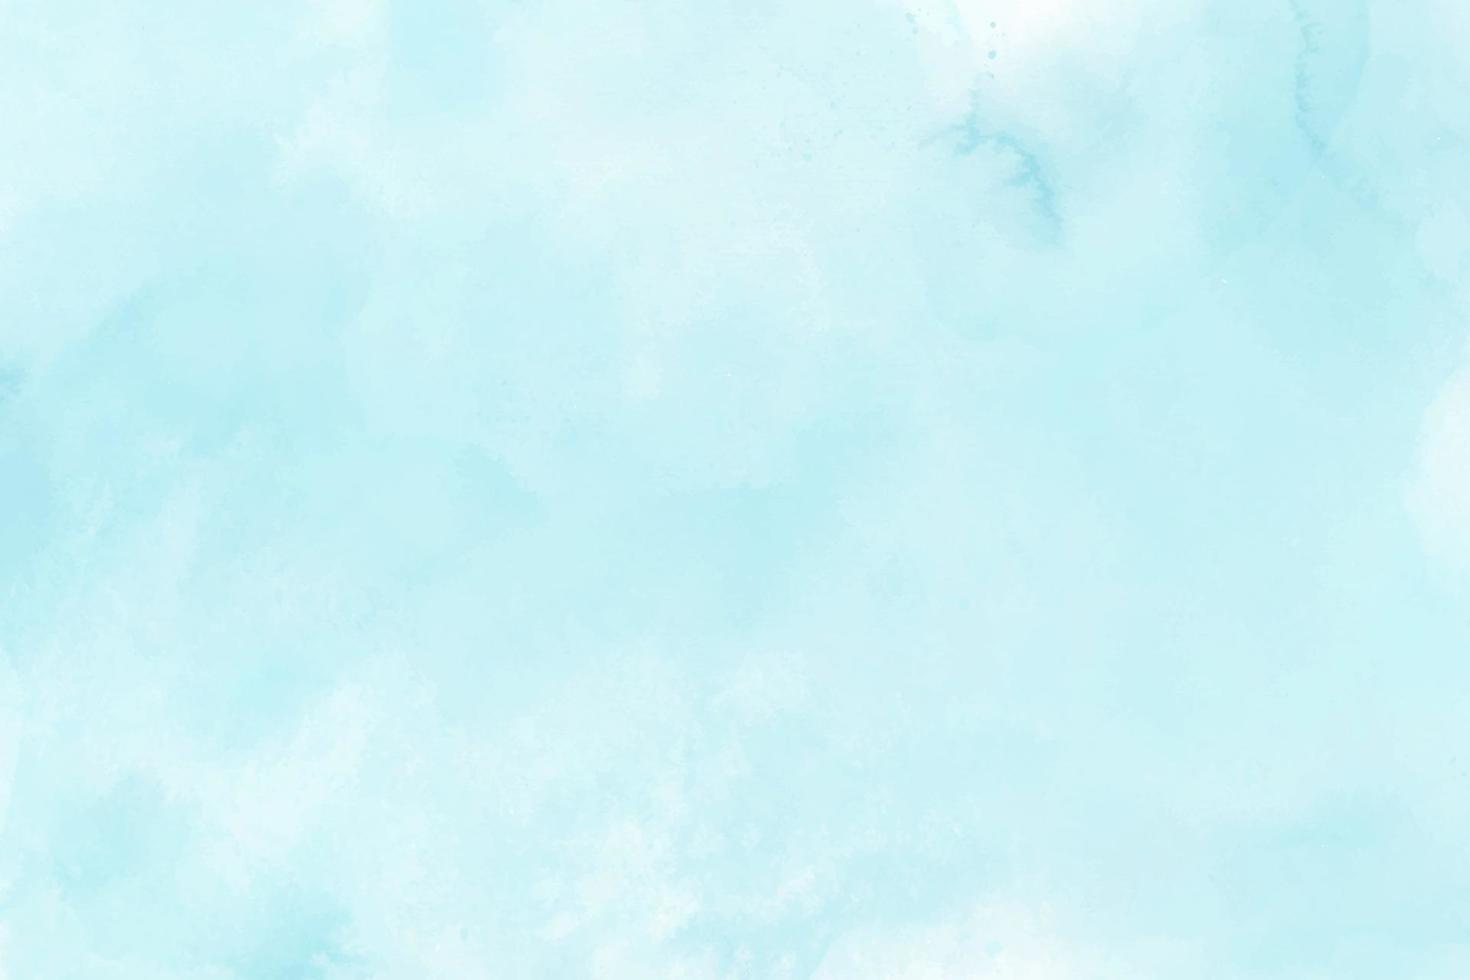 blå mynta akvarell pensel måla vektor bakgrund